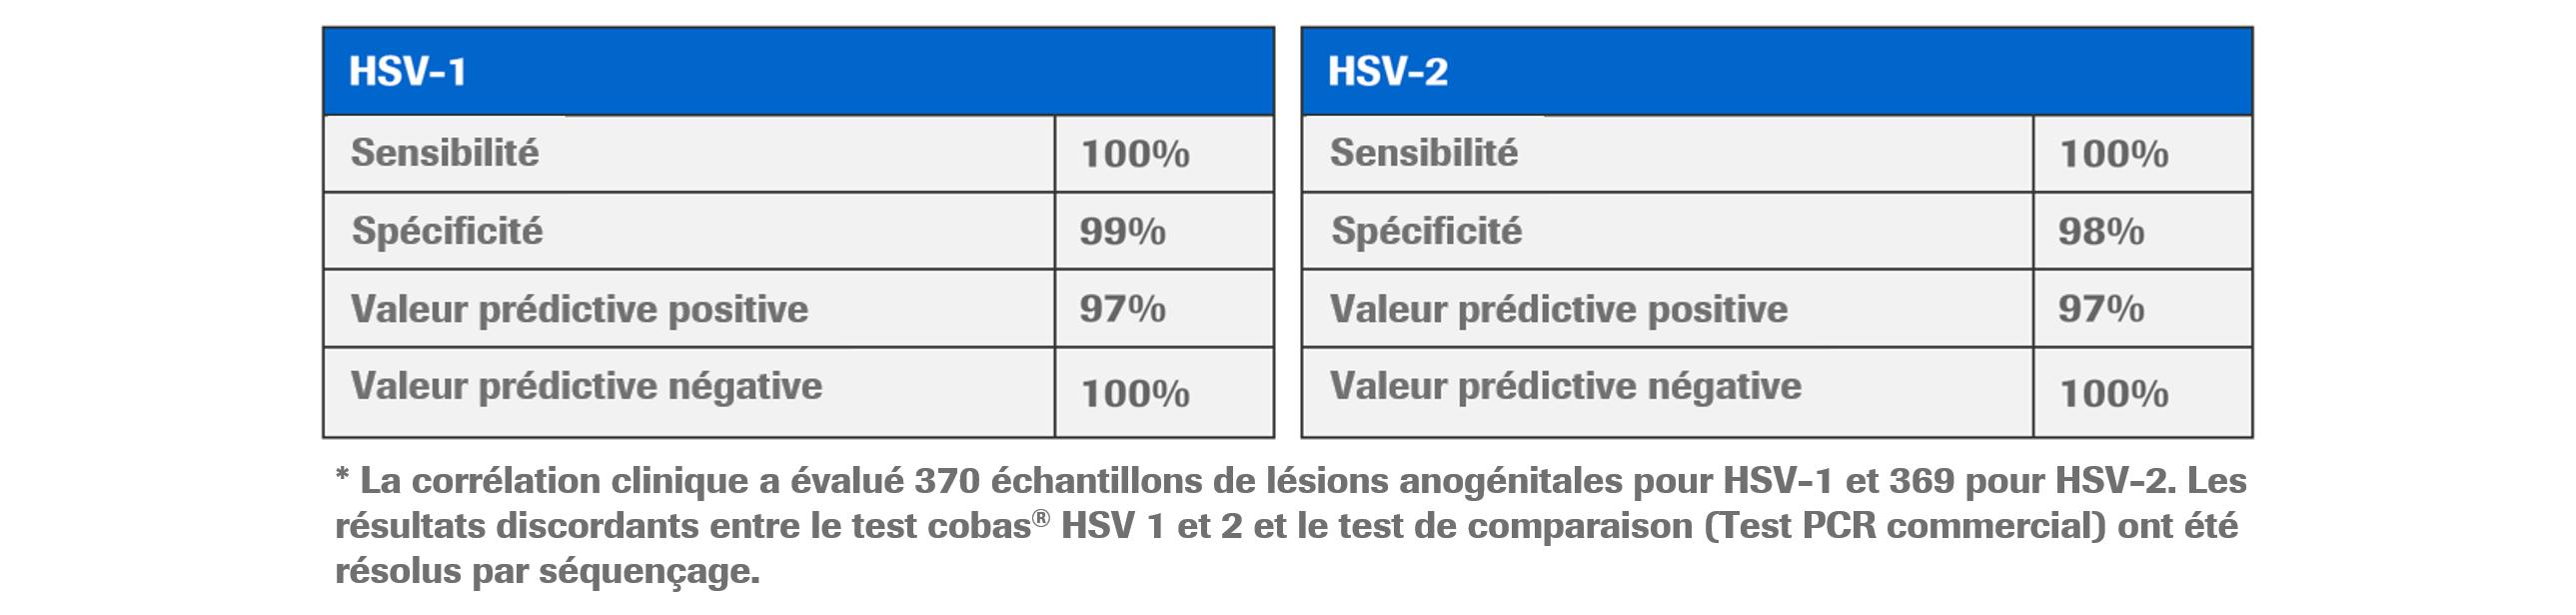 Tableau HSV-1 et 2